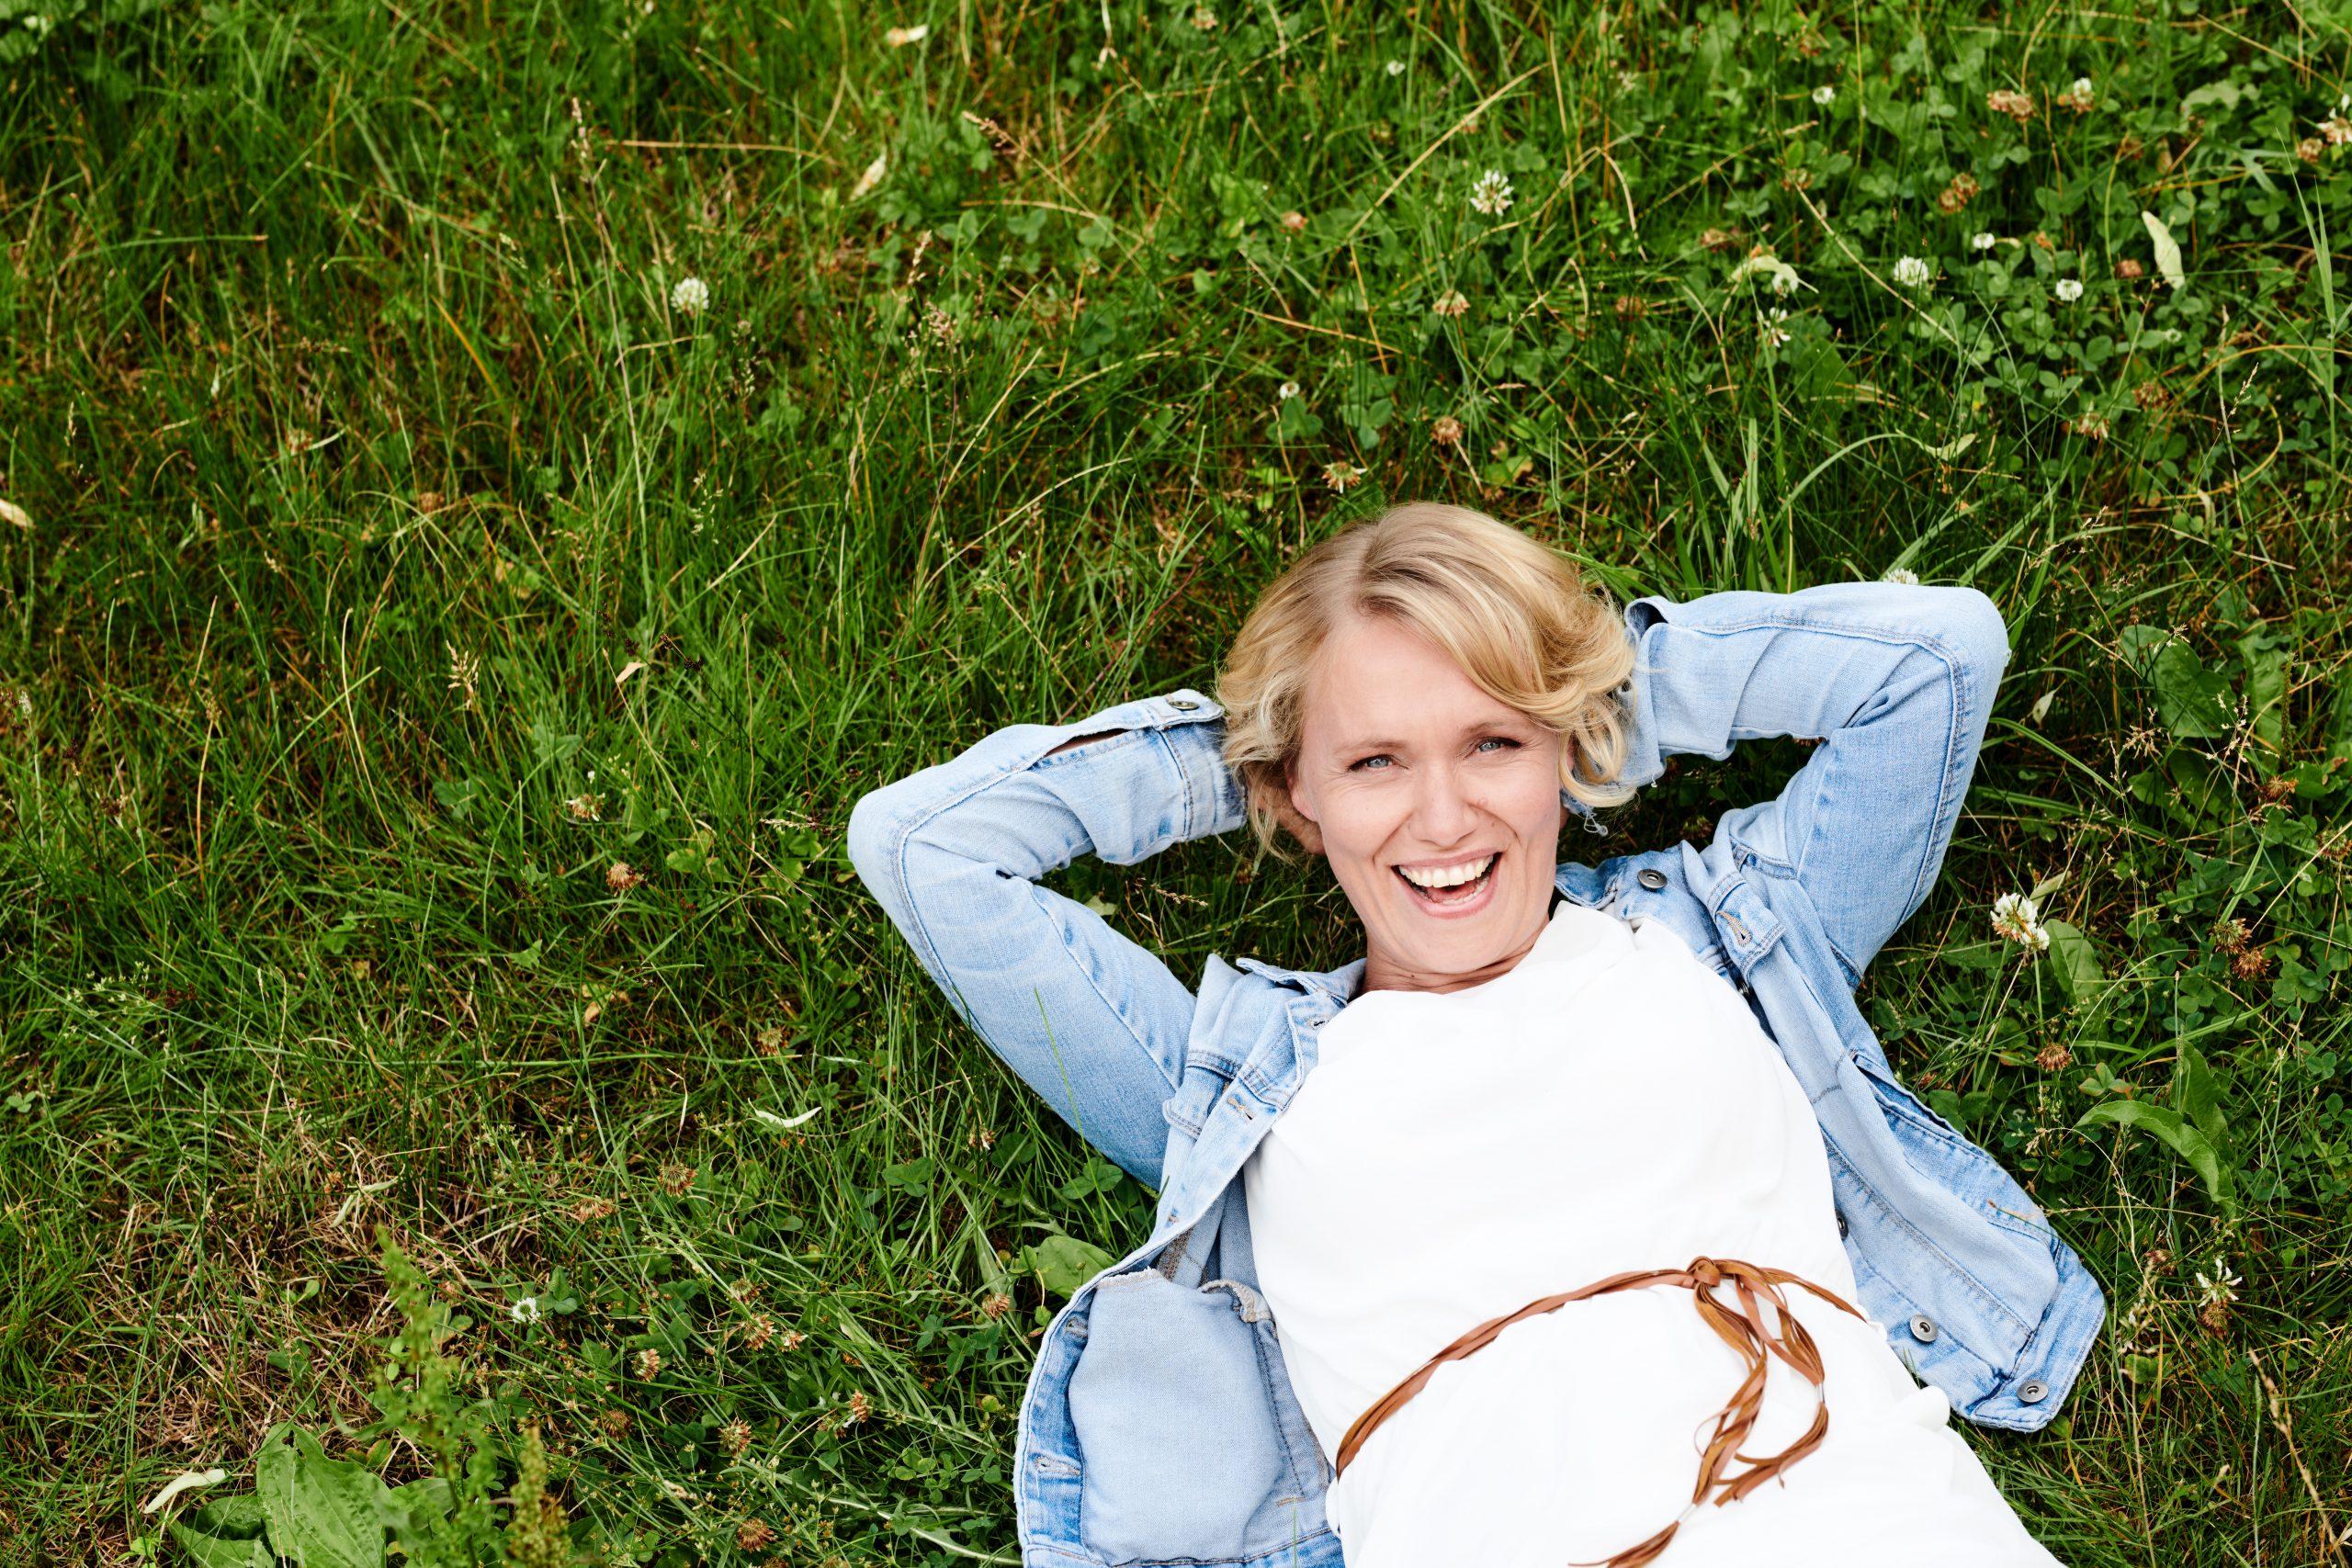 Meri Koivisto background image